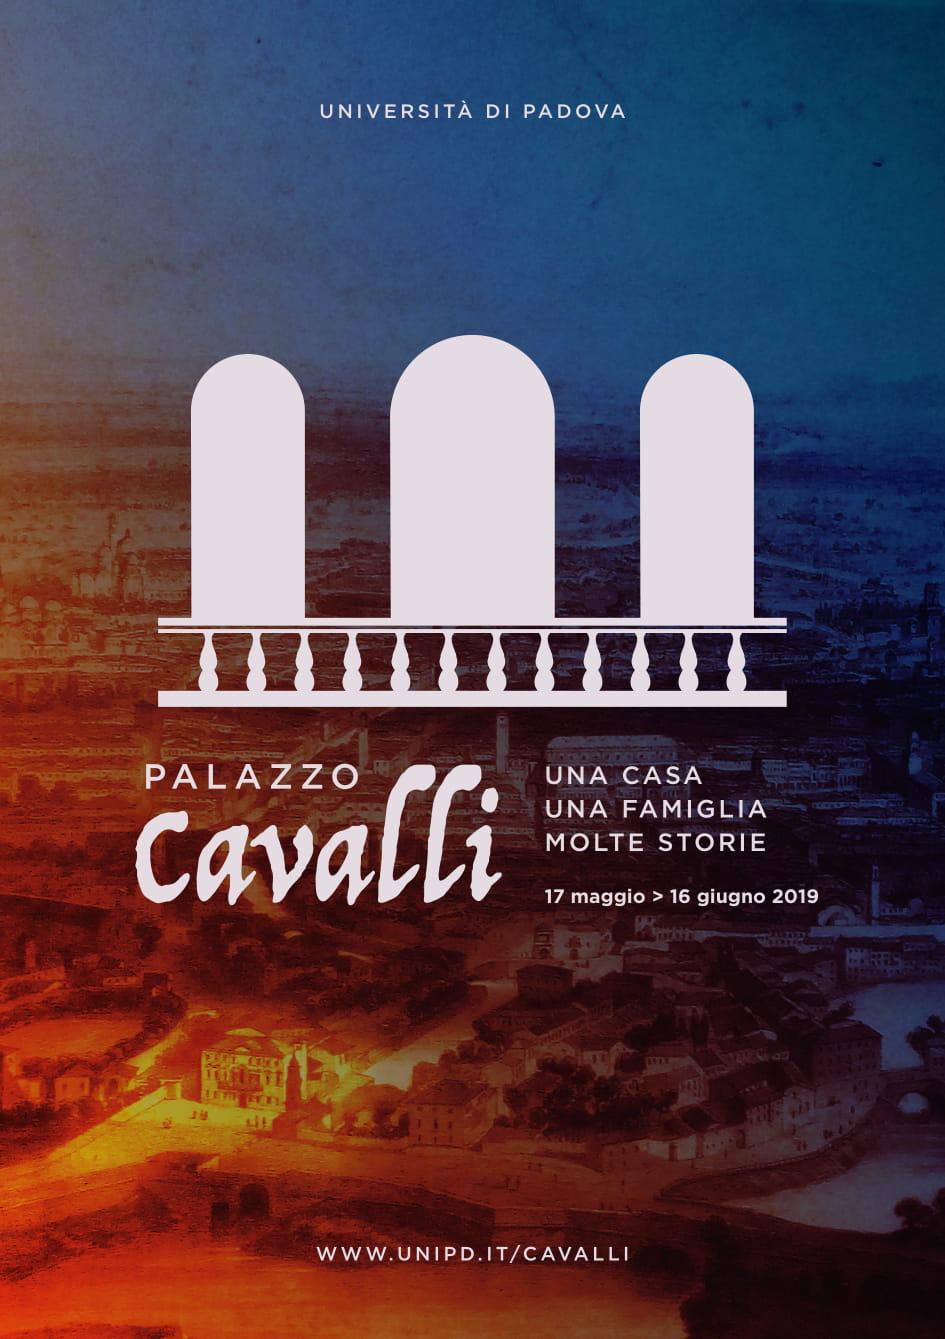 Unipd Calendario.Palazzo Cavalli Una Casa Una Famiglia Molte Storie